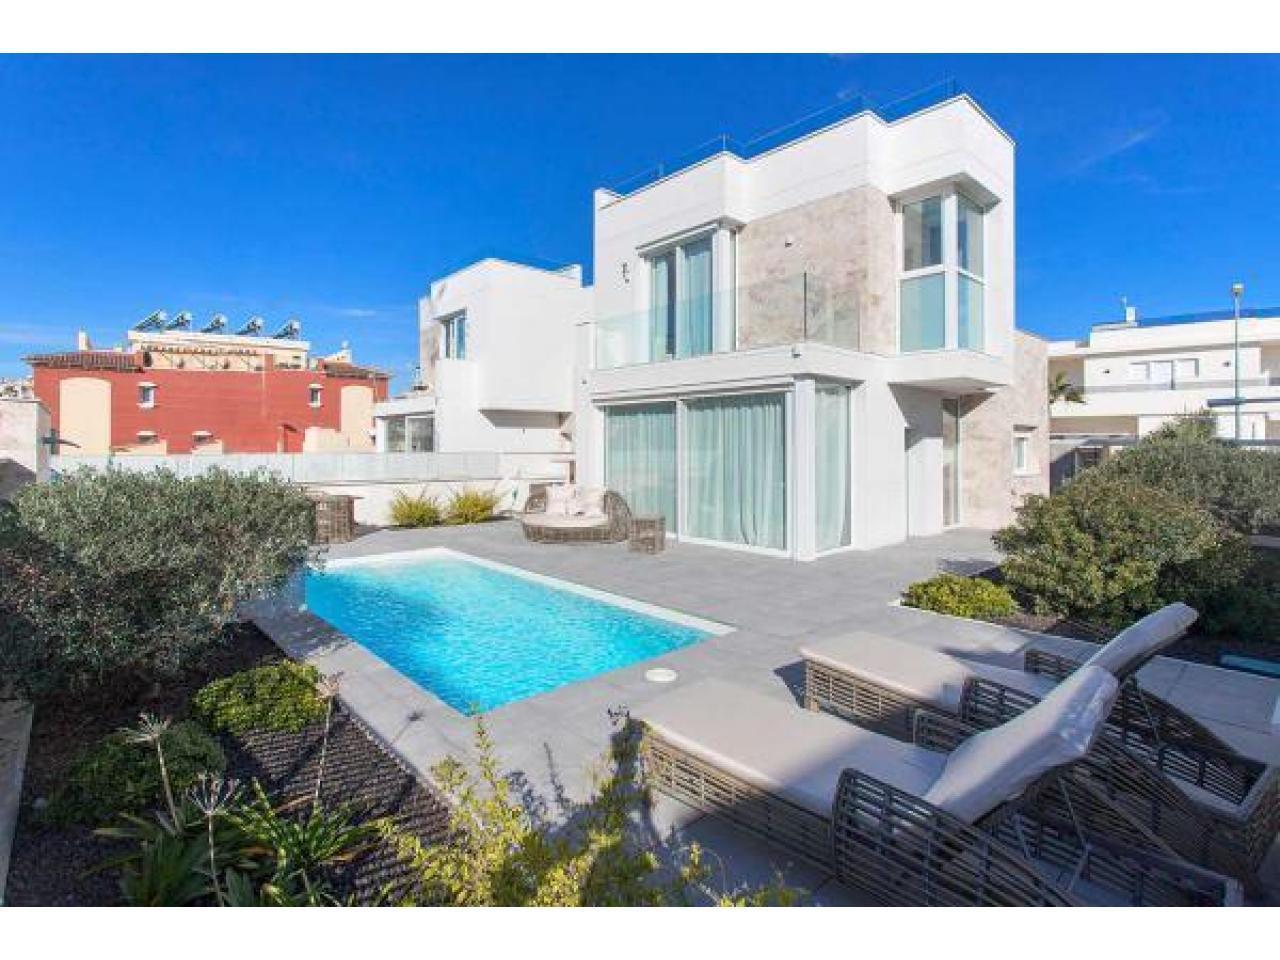 Недвижимость в Испании, Новая вилла рядом с пляжем от застройщика в Торревьеха,Коста Бланка,Испания - 1